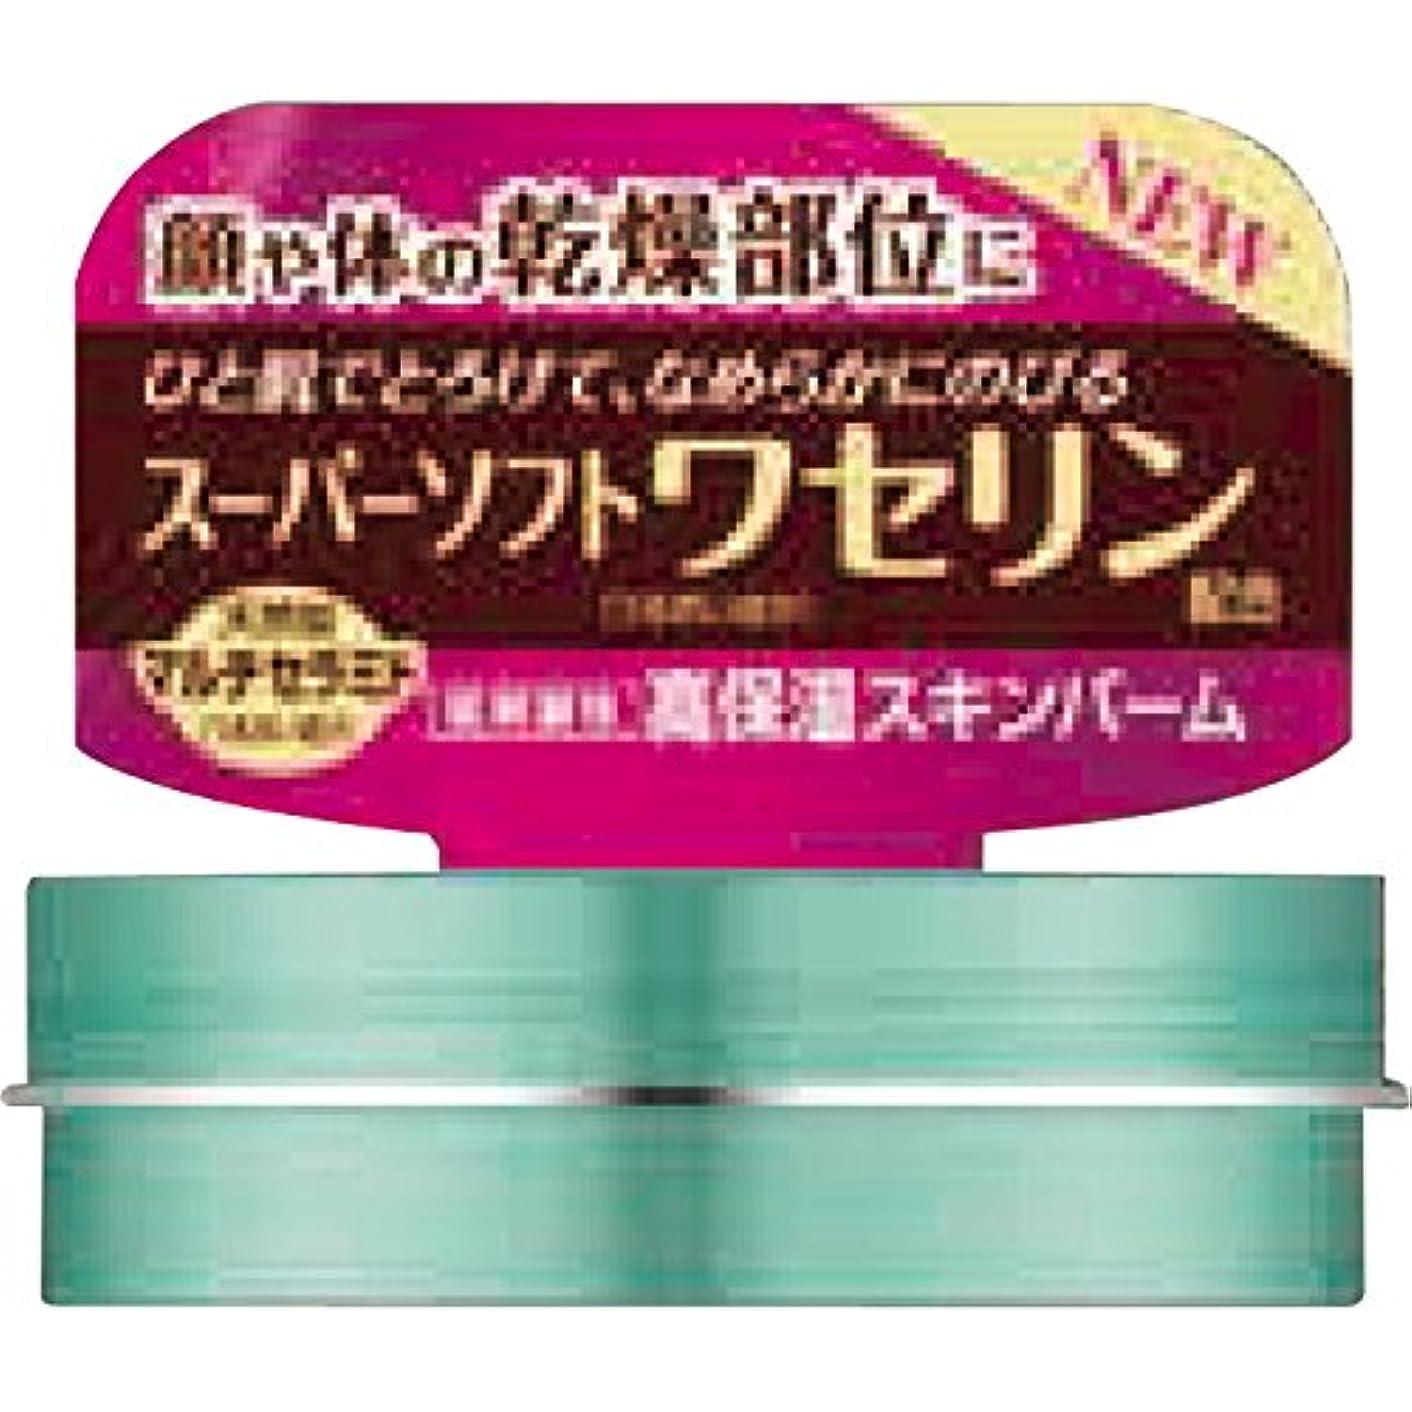 生き残りますパワーセルハードロート製薬 ケアセラ 天然型セラミド7種配合 高保湿スキンバーム ピュアフローラルの香り 40g